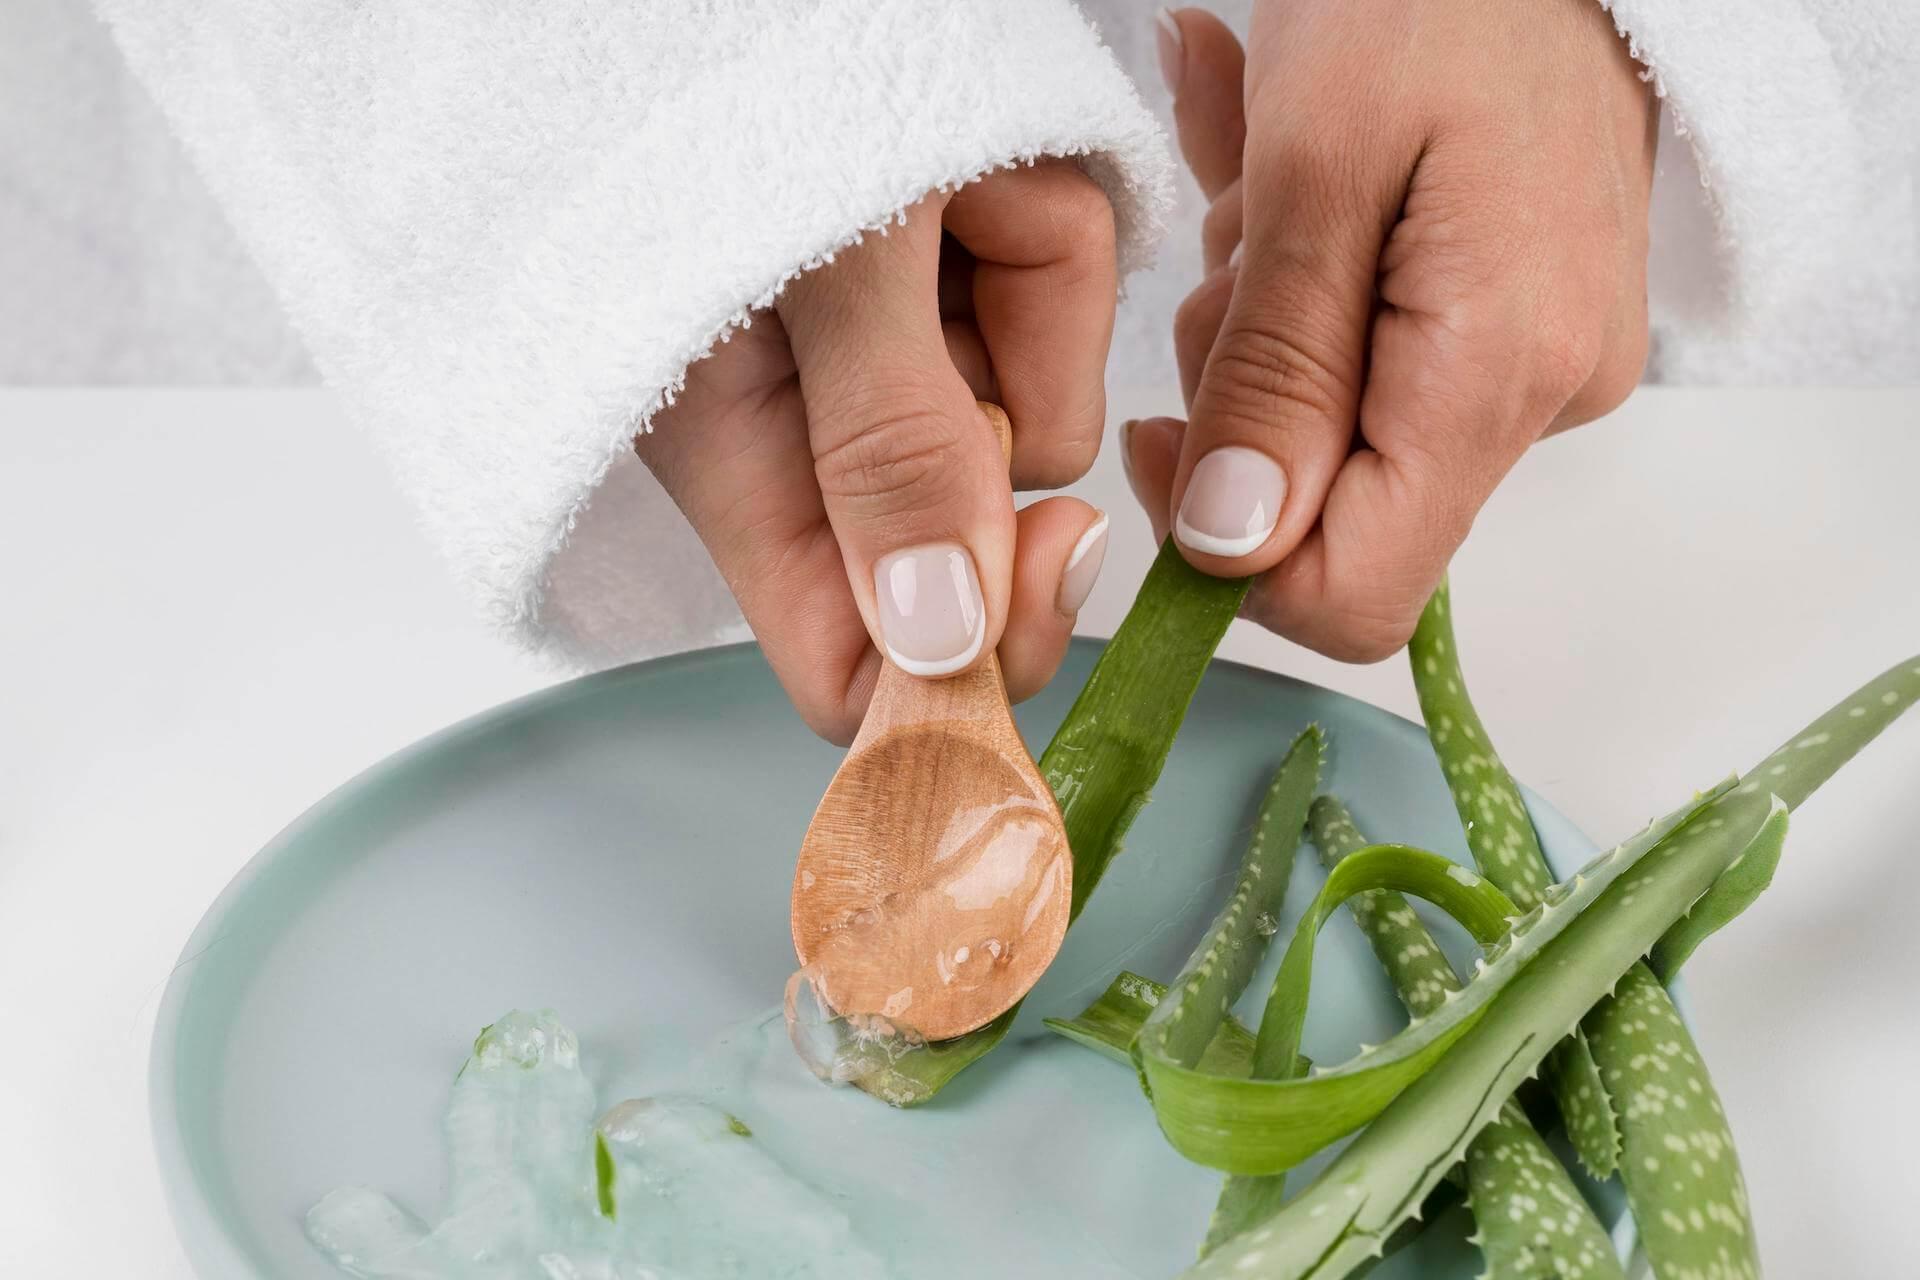 Az aloe vera segíti a felfekvés gyógyulását is